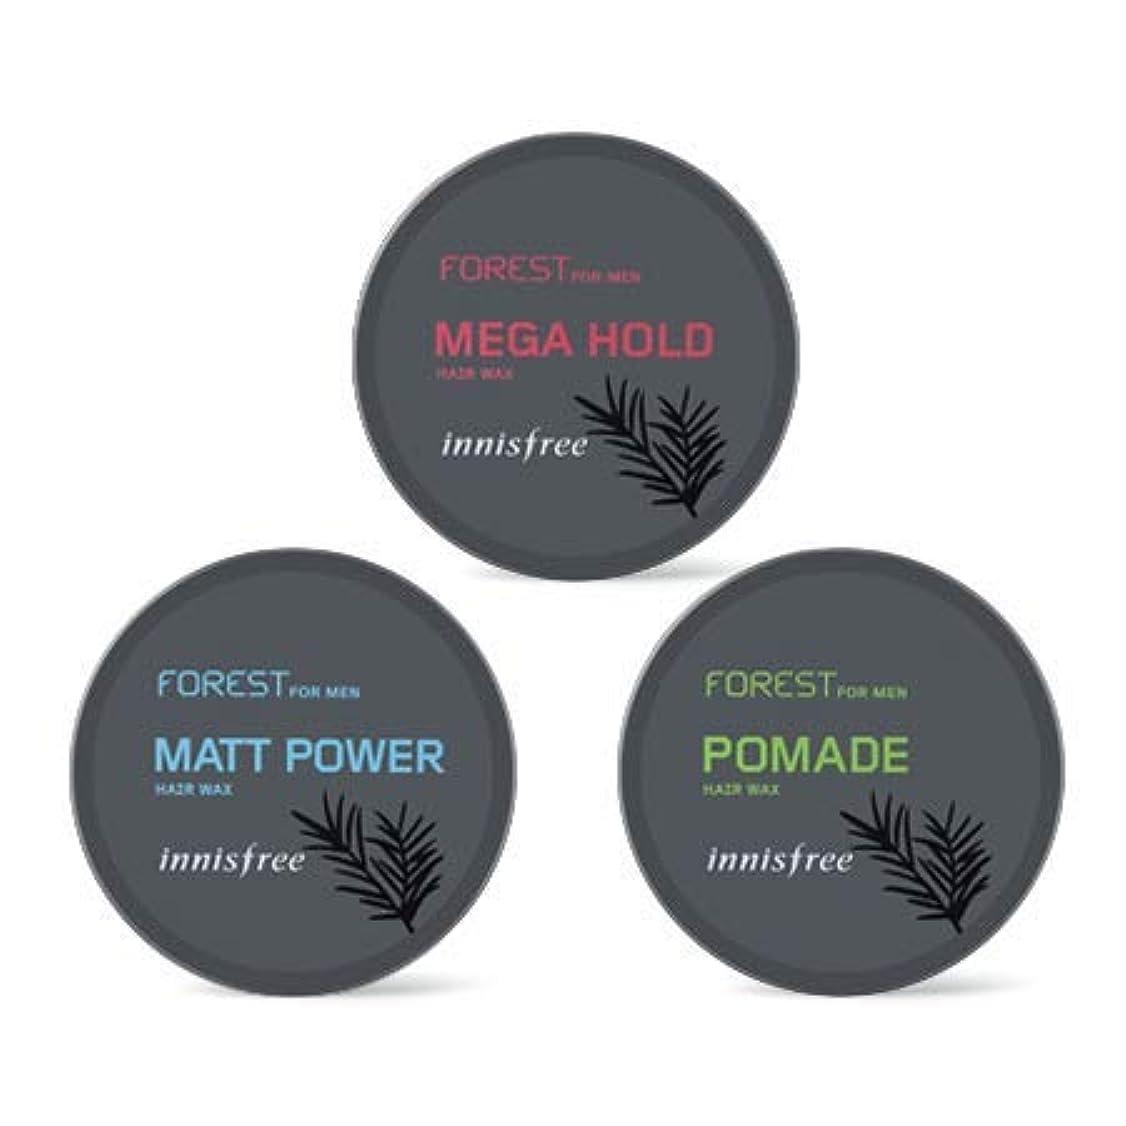 チャーミング魔術気配りのある[イニスフリー.INNISFREE](公式)フォレストフォアマンヘアワックス(3種)/ Forest For Men Hair Wax(60G、3 kind) (# mega hold)